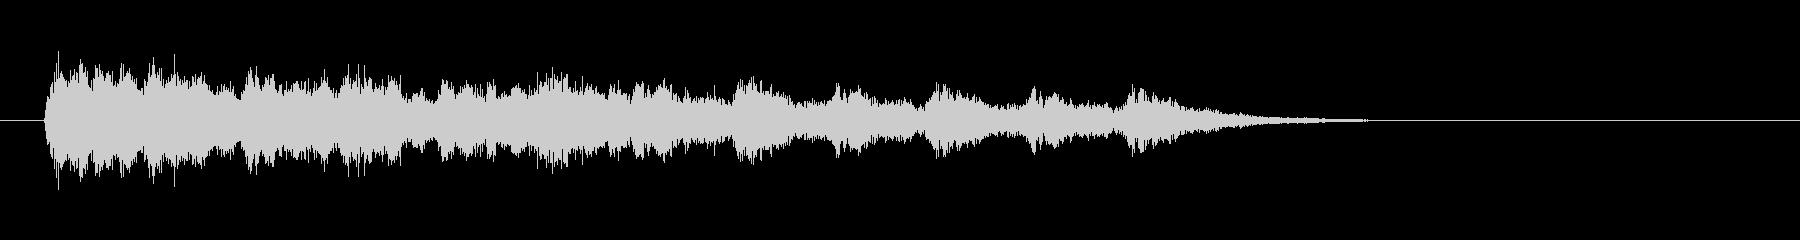 テーマ28:フルミックスの未再生の波形